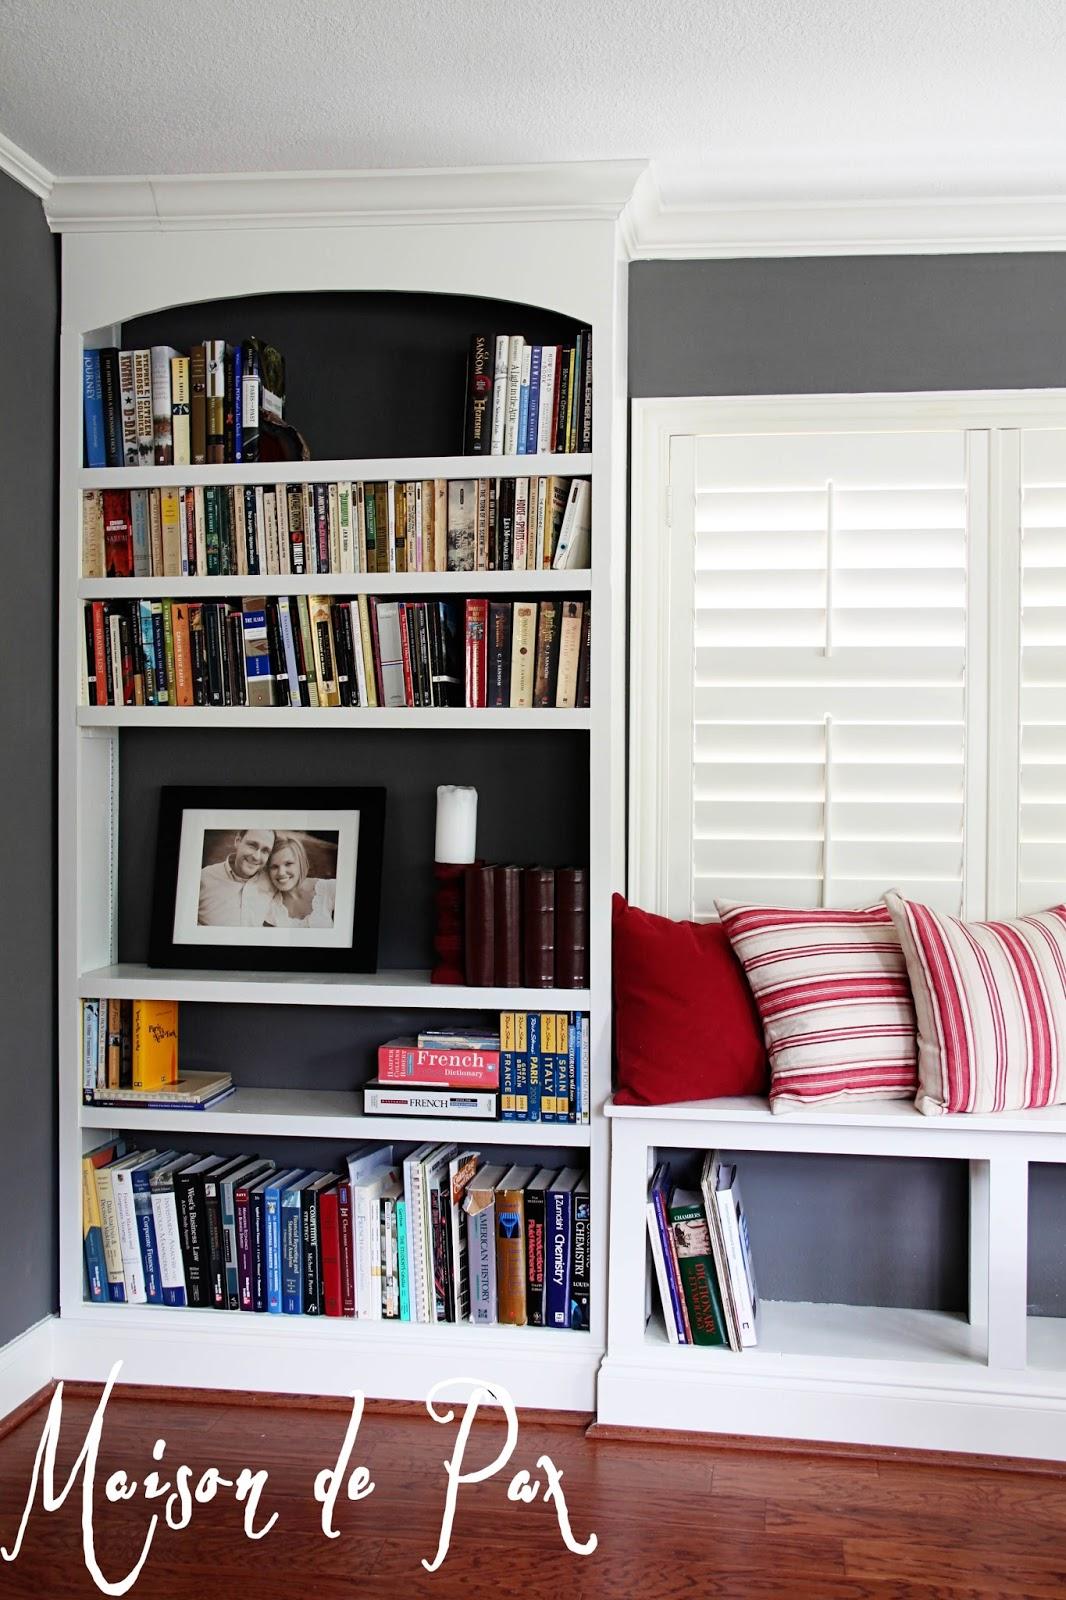 DIY Built-In Bookshelves - Maison de Pax